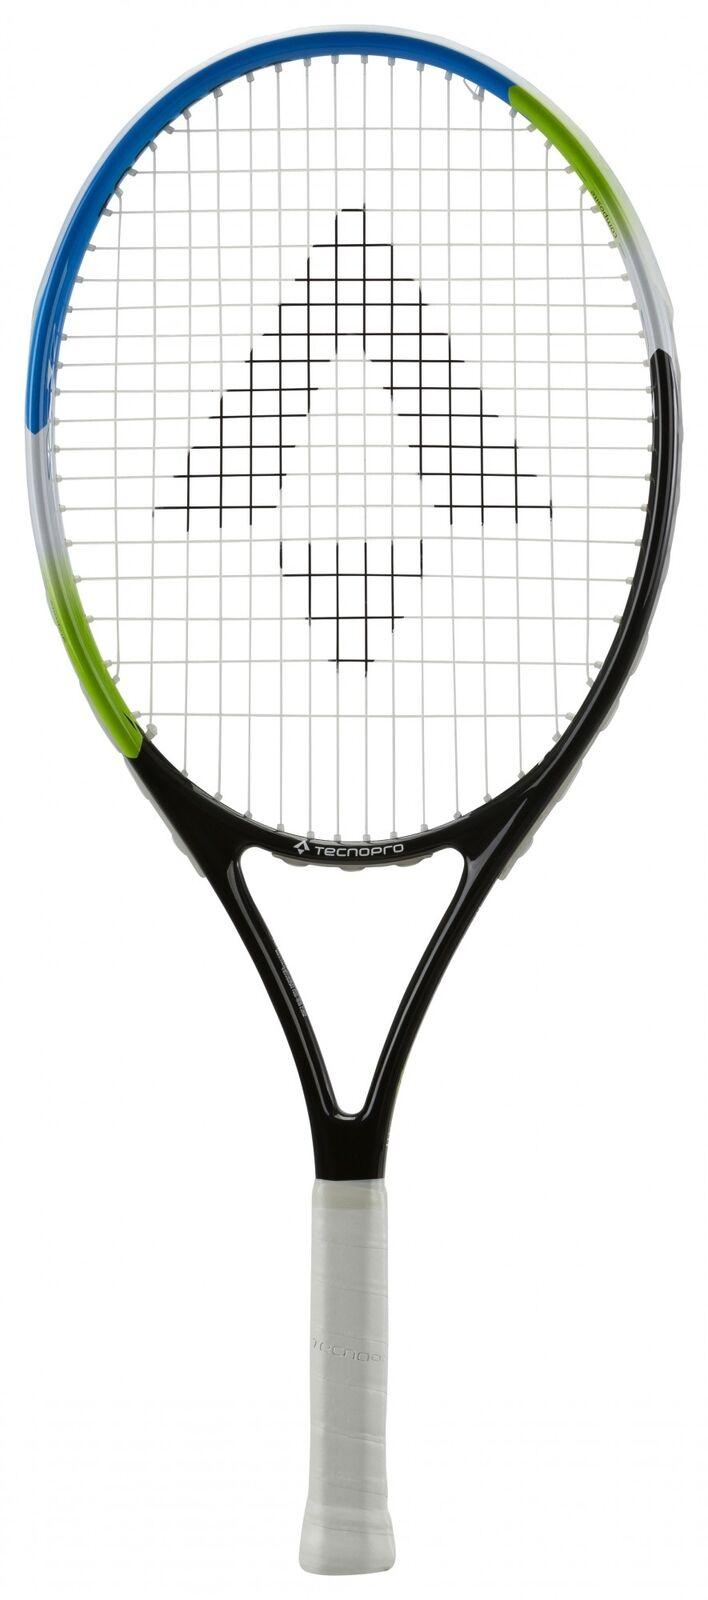 Tecnopro Te-Schl.tour 25 Jugendschlger Tennis Racket